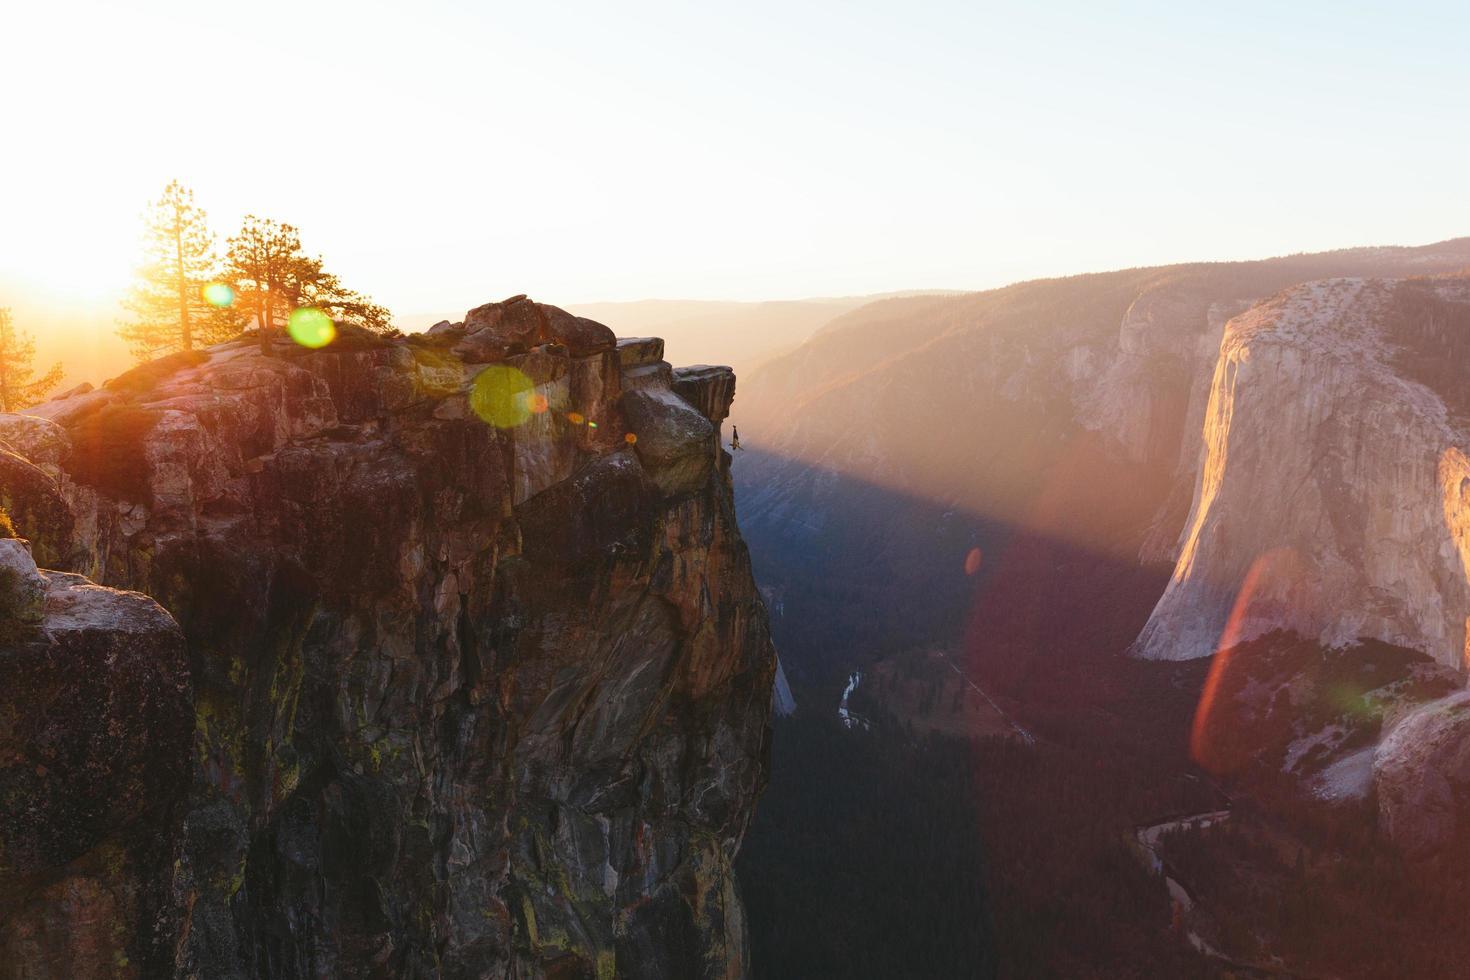 bergbeklimmer hangt van taft punt in yosemite foto